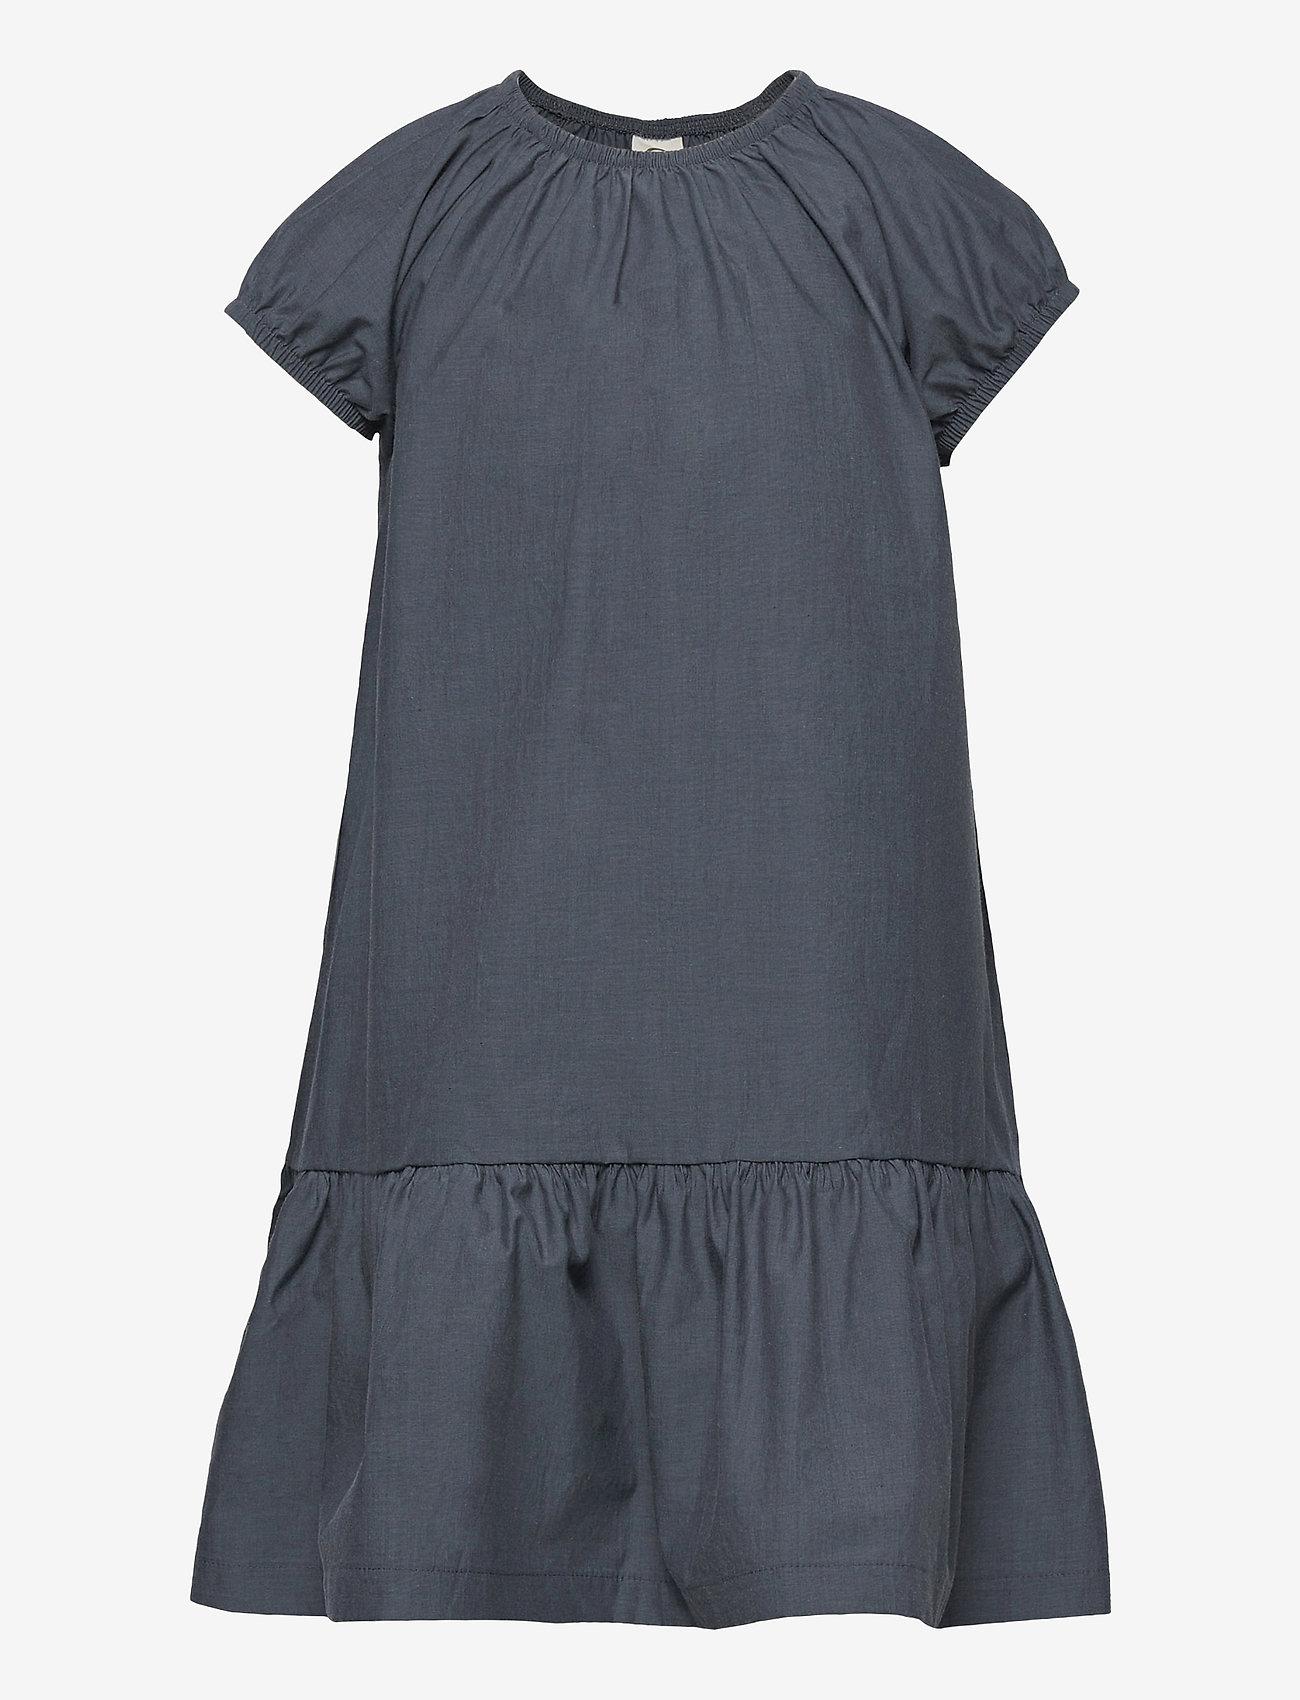 Müsli by Green Cotton - Chambray dress - jurken - chambray - 0